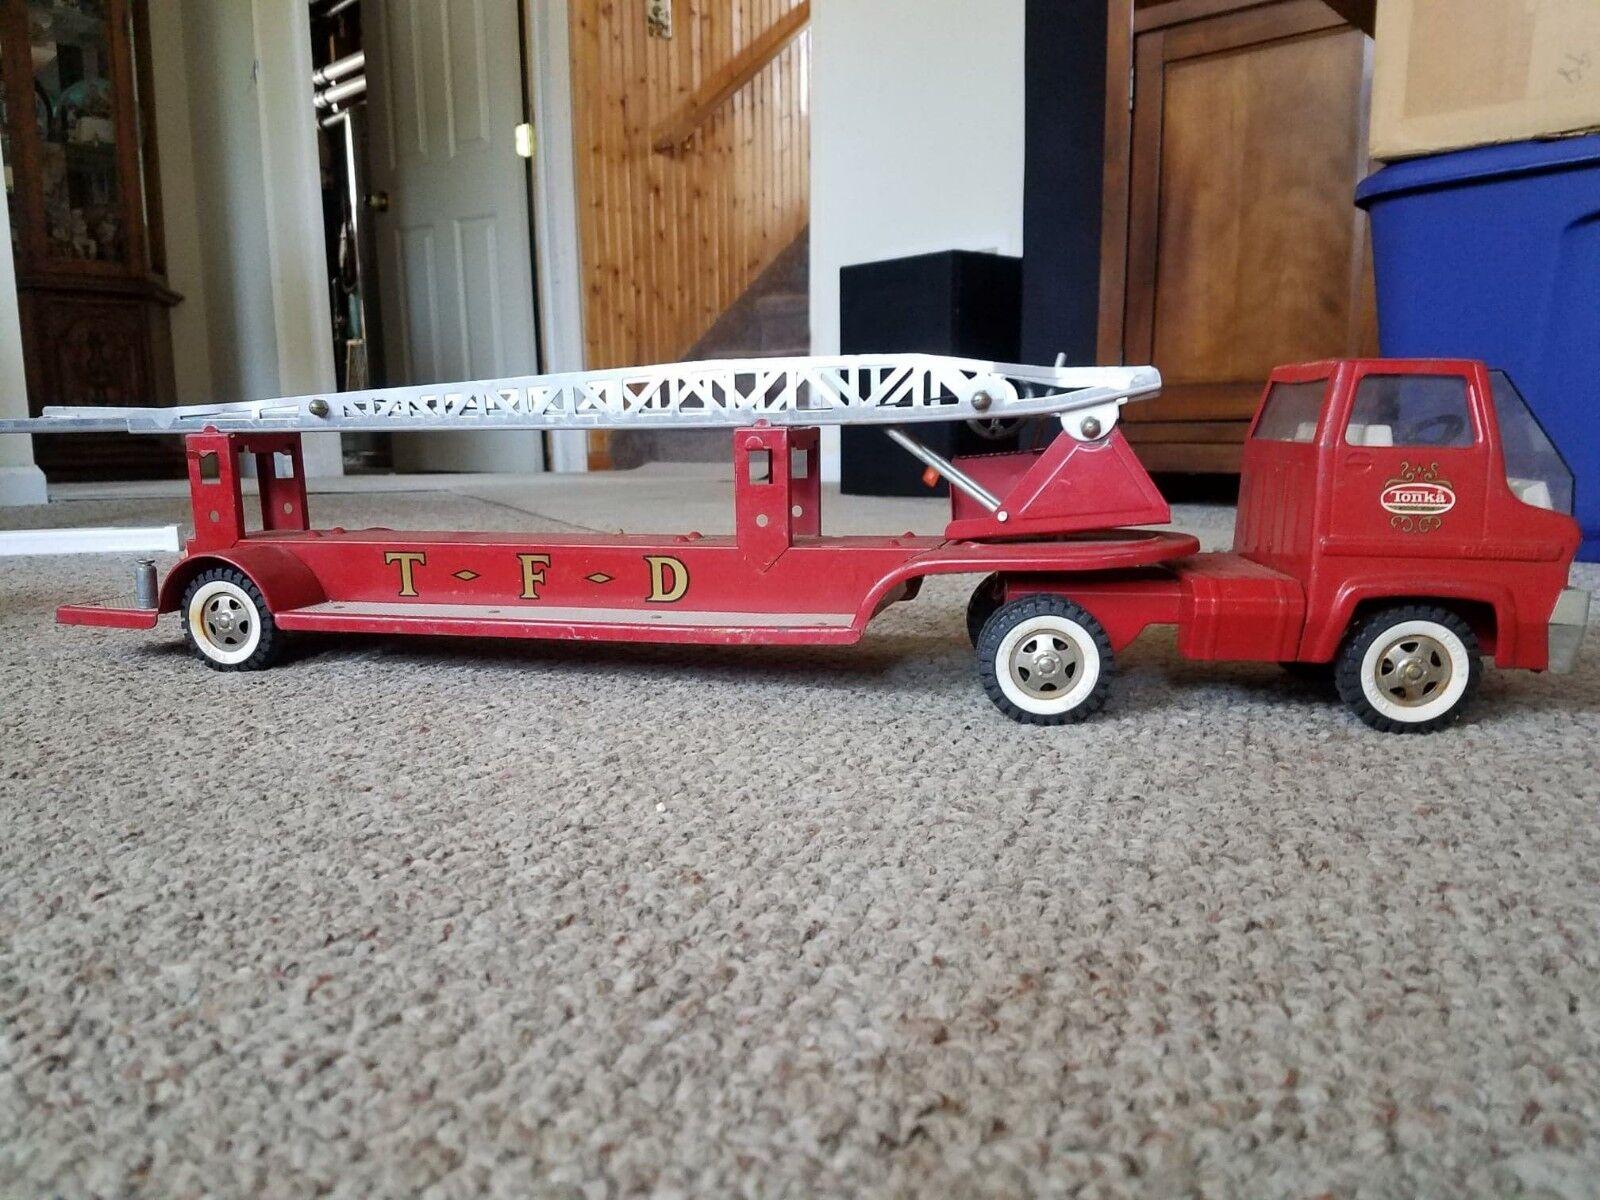 VINTAGE TONKA camion de pompiers, utilisé mais en bon état